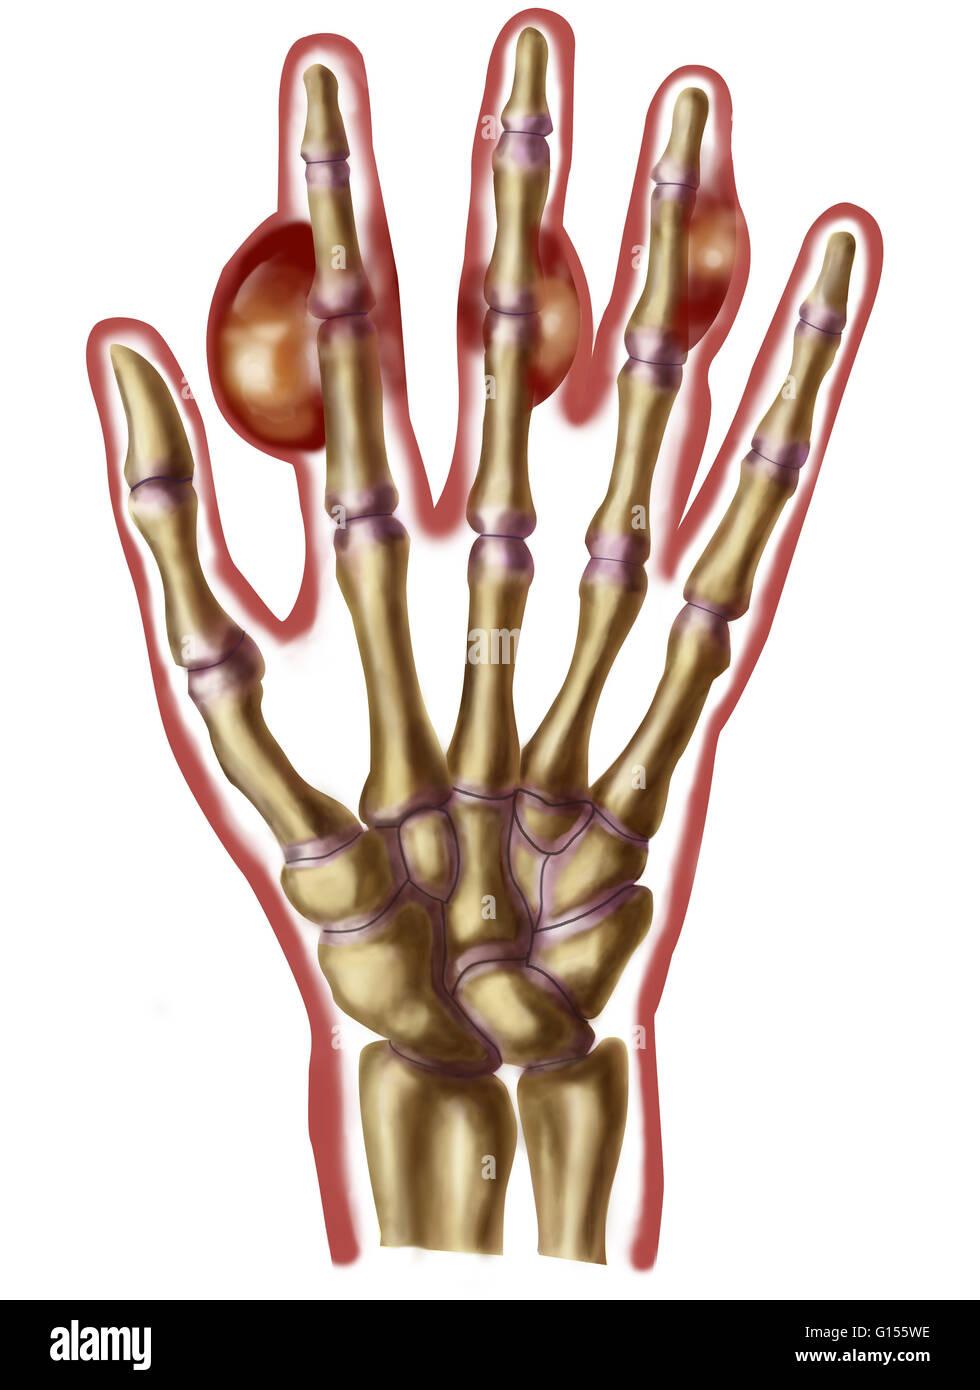 Abbildung einer menschlichen Hand mit Tophi oder Schwellungen an den ...